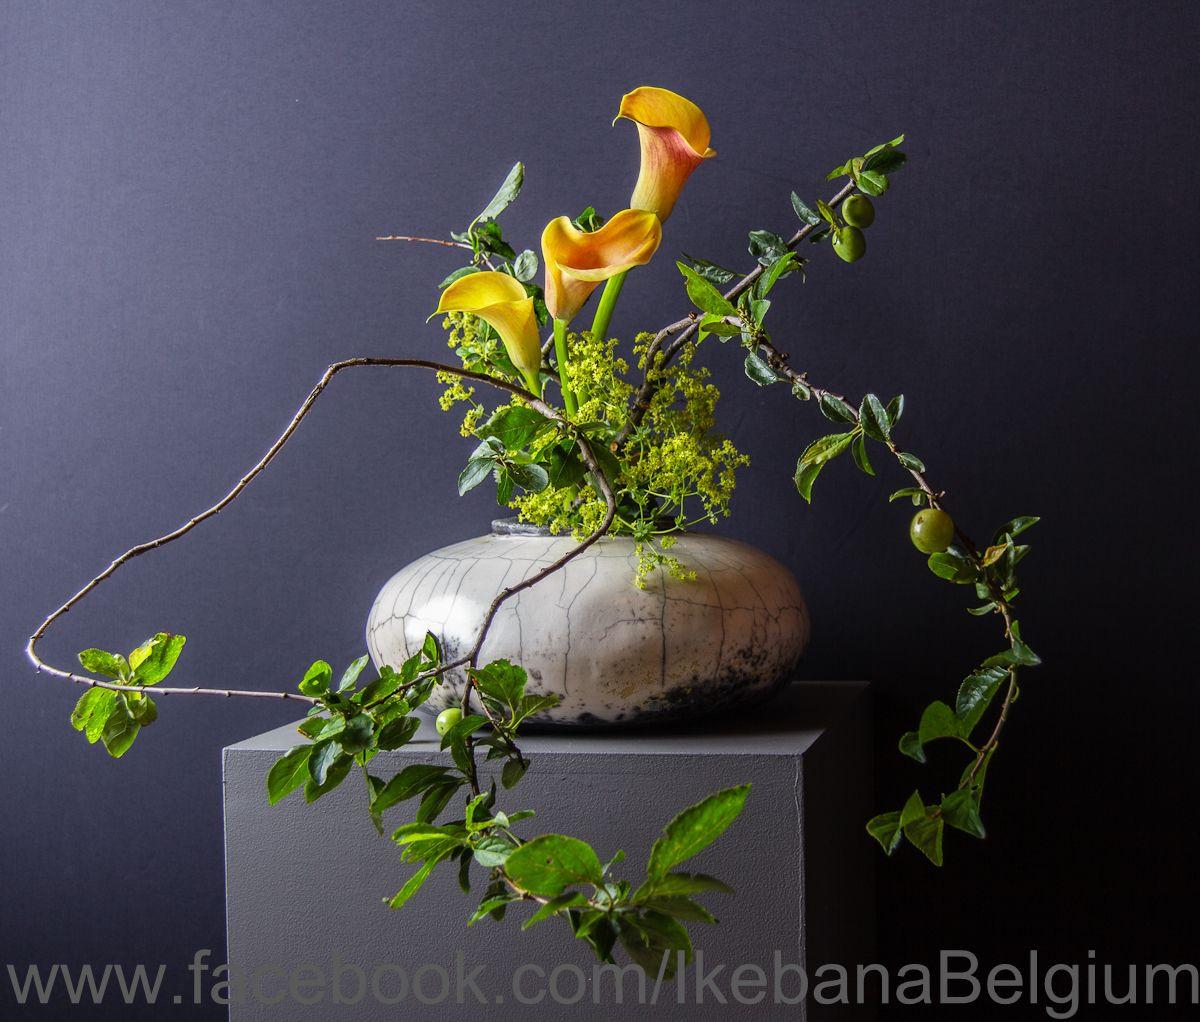 japanese ikebana vases of ikebana design for the exhibition june 2012 vase christian van inside ikebana design for the exhibition june 2012 vase christian van dijck